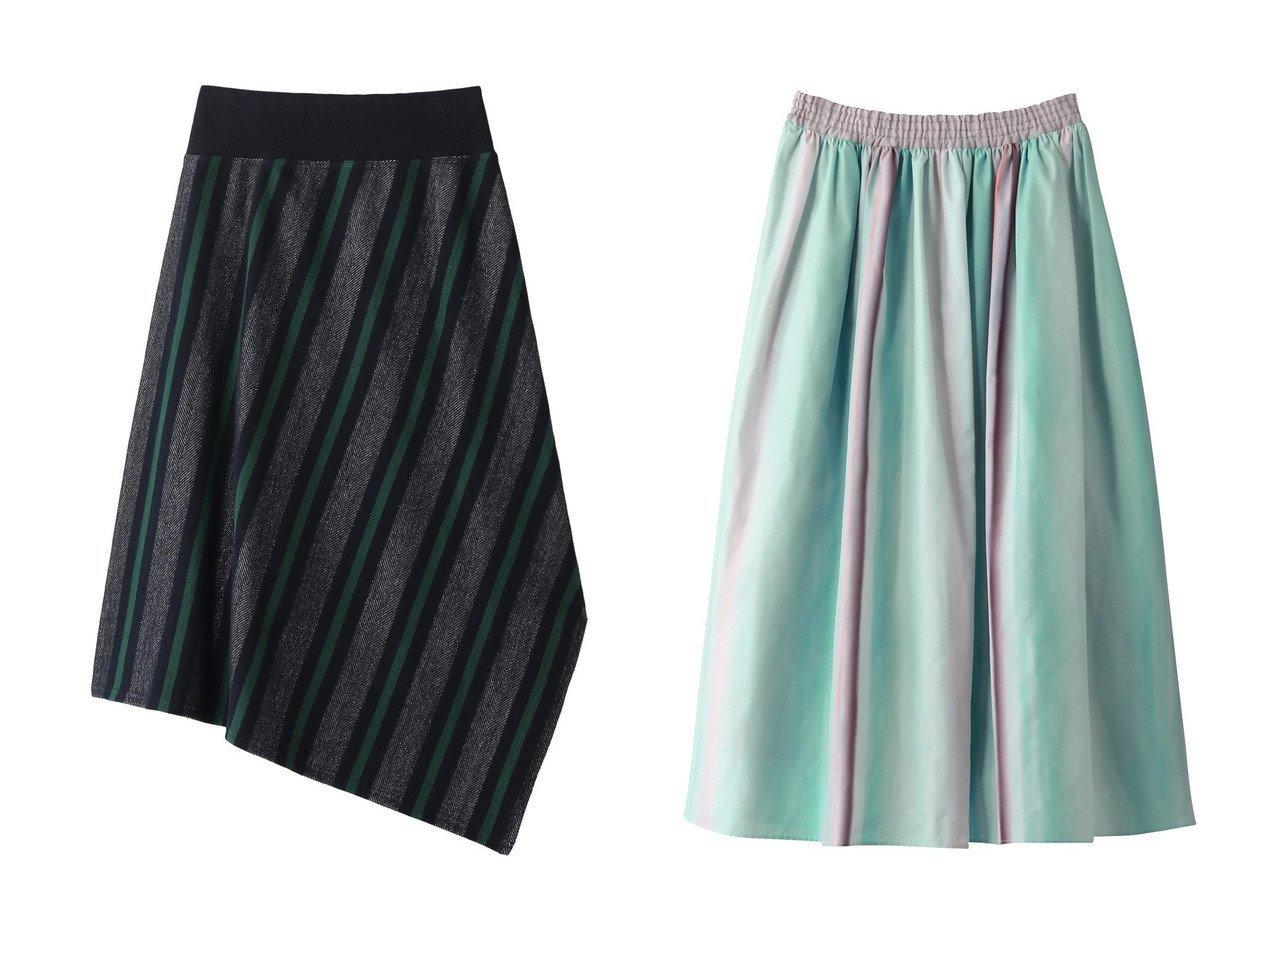 【LIFE WITH FLOWERS/ライフ ウィズ フラワーズ】のグラデーションタフタギャザースカート&【PLAIN PEOPLE/プレインピープル】のコットンラガーボーダーアシンメトリースカート スカートのおすすめ!人気、トレンド・レディースファッションの通販 おすすめで人気の流行・トレンド、ファッションの通販商品 メンズファッション・キッズファッション・インテリア・家具・レディースファッション・服の通販 founy(ファニー) https://founy.com/ ファッション Fashion レディースファッション WOMEN スカート Skirt ロングスカート Long Skirt スポーティ ボーダー ギャザー グラデーション タフタ ロング  ID:crp329100000012440